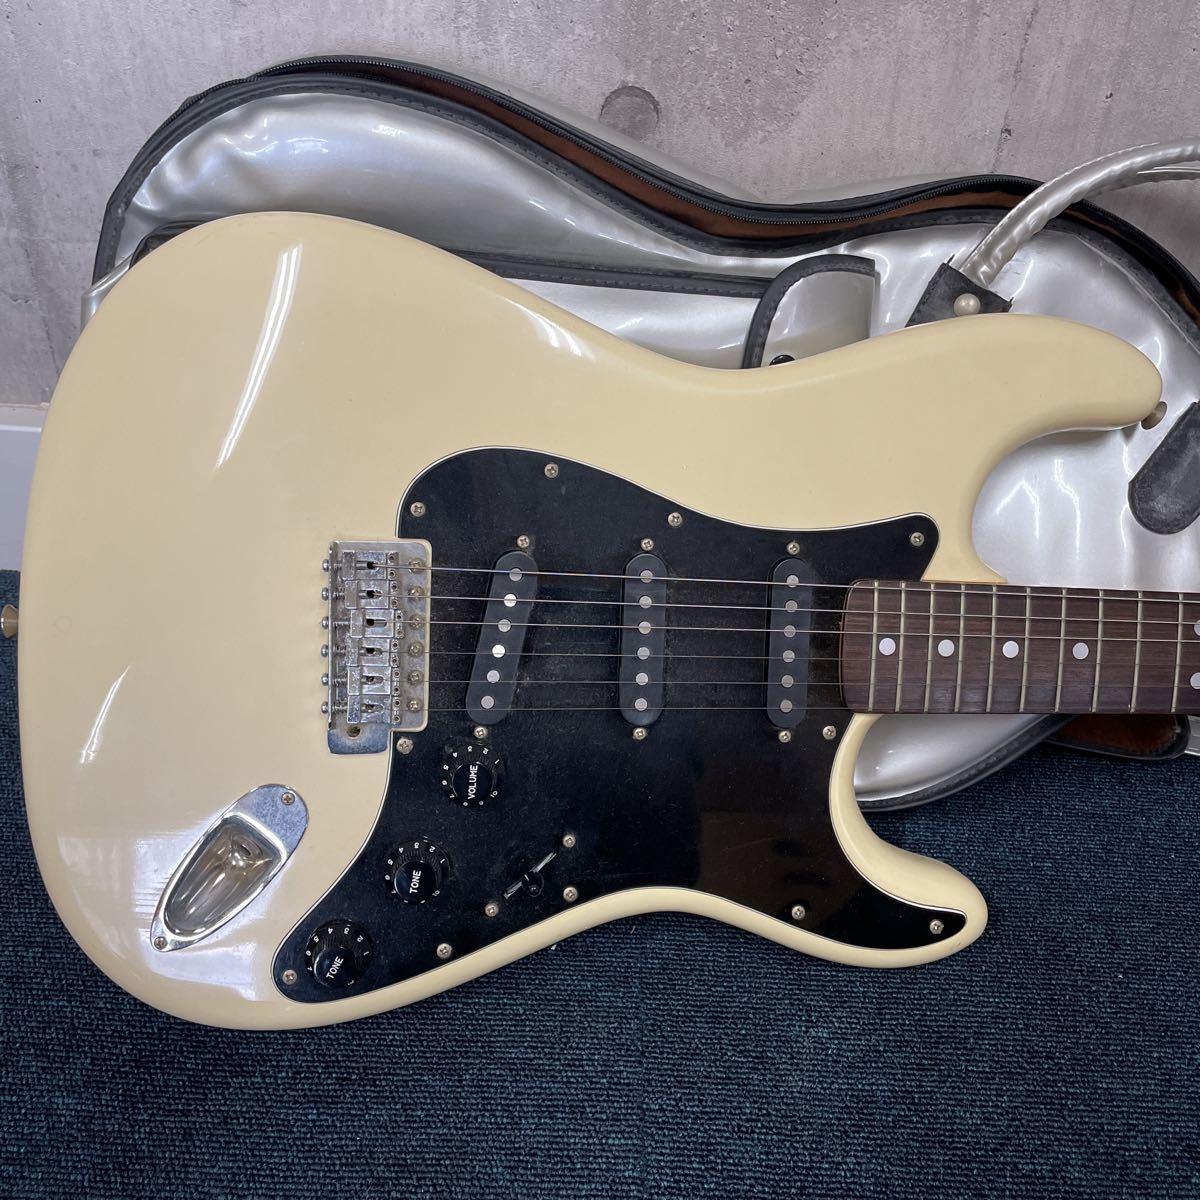 ギター guitar Tokai SILVER STAR SERIAL NUMBER 2103804 現状品_画像2